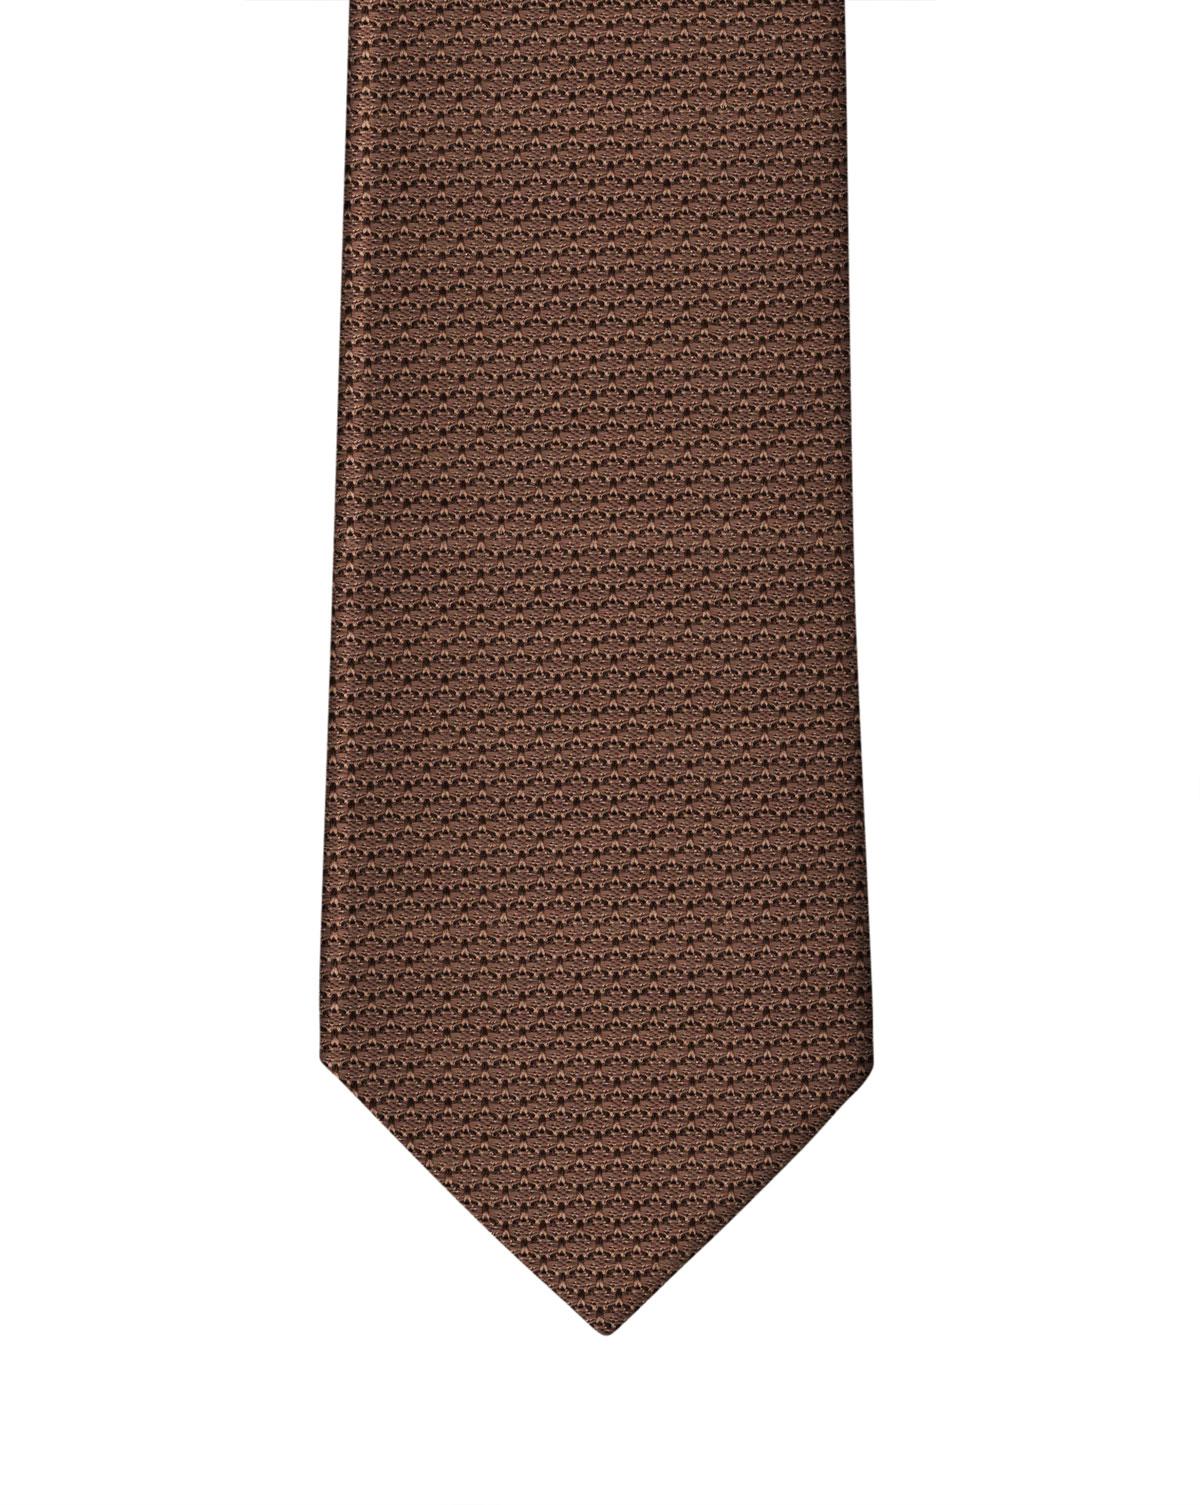 Caramel Brown Grenadine Necktie